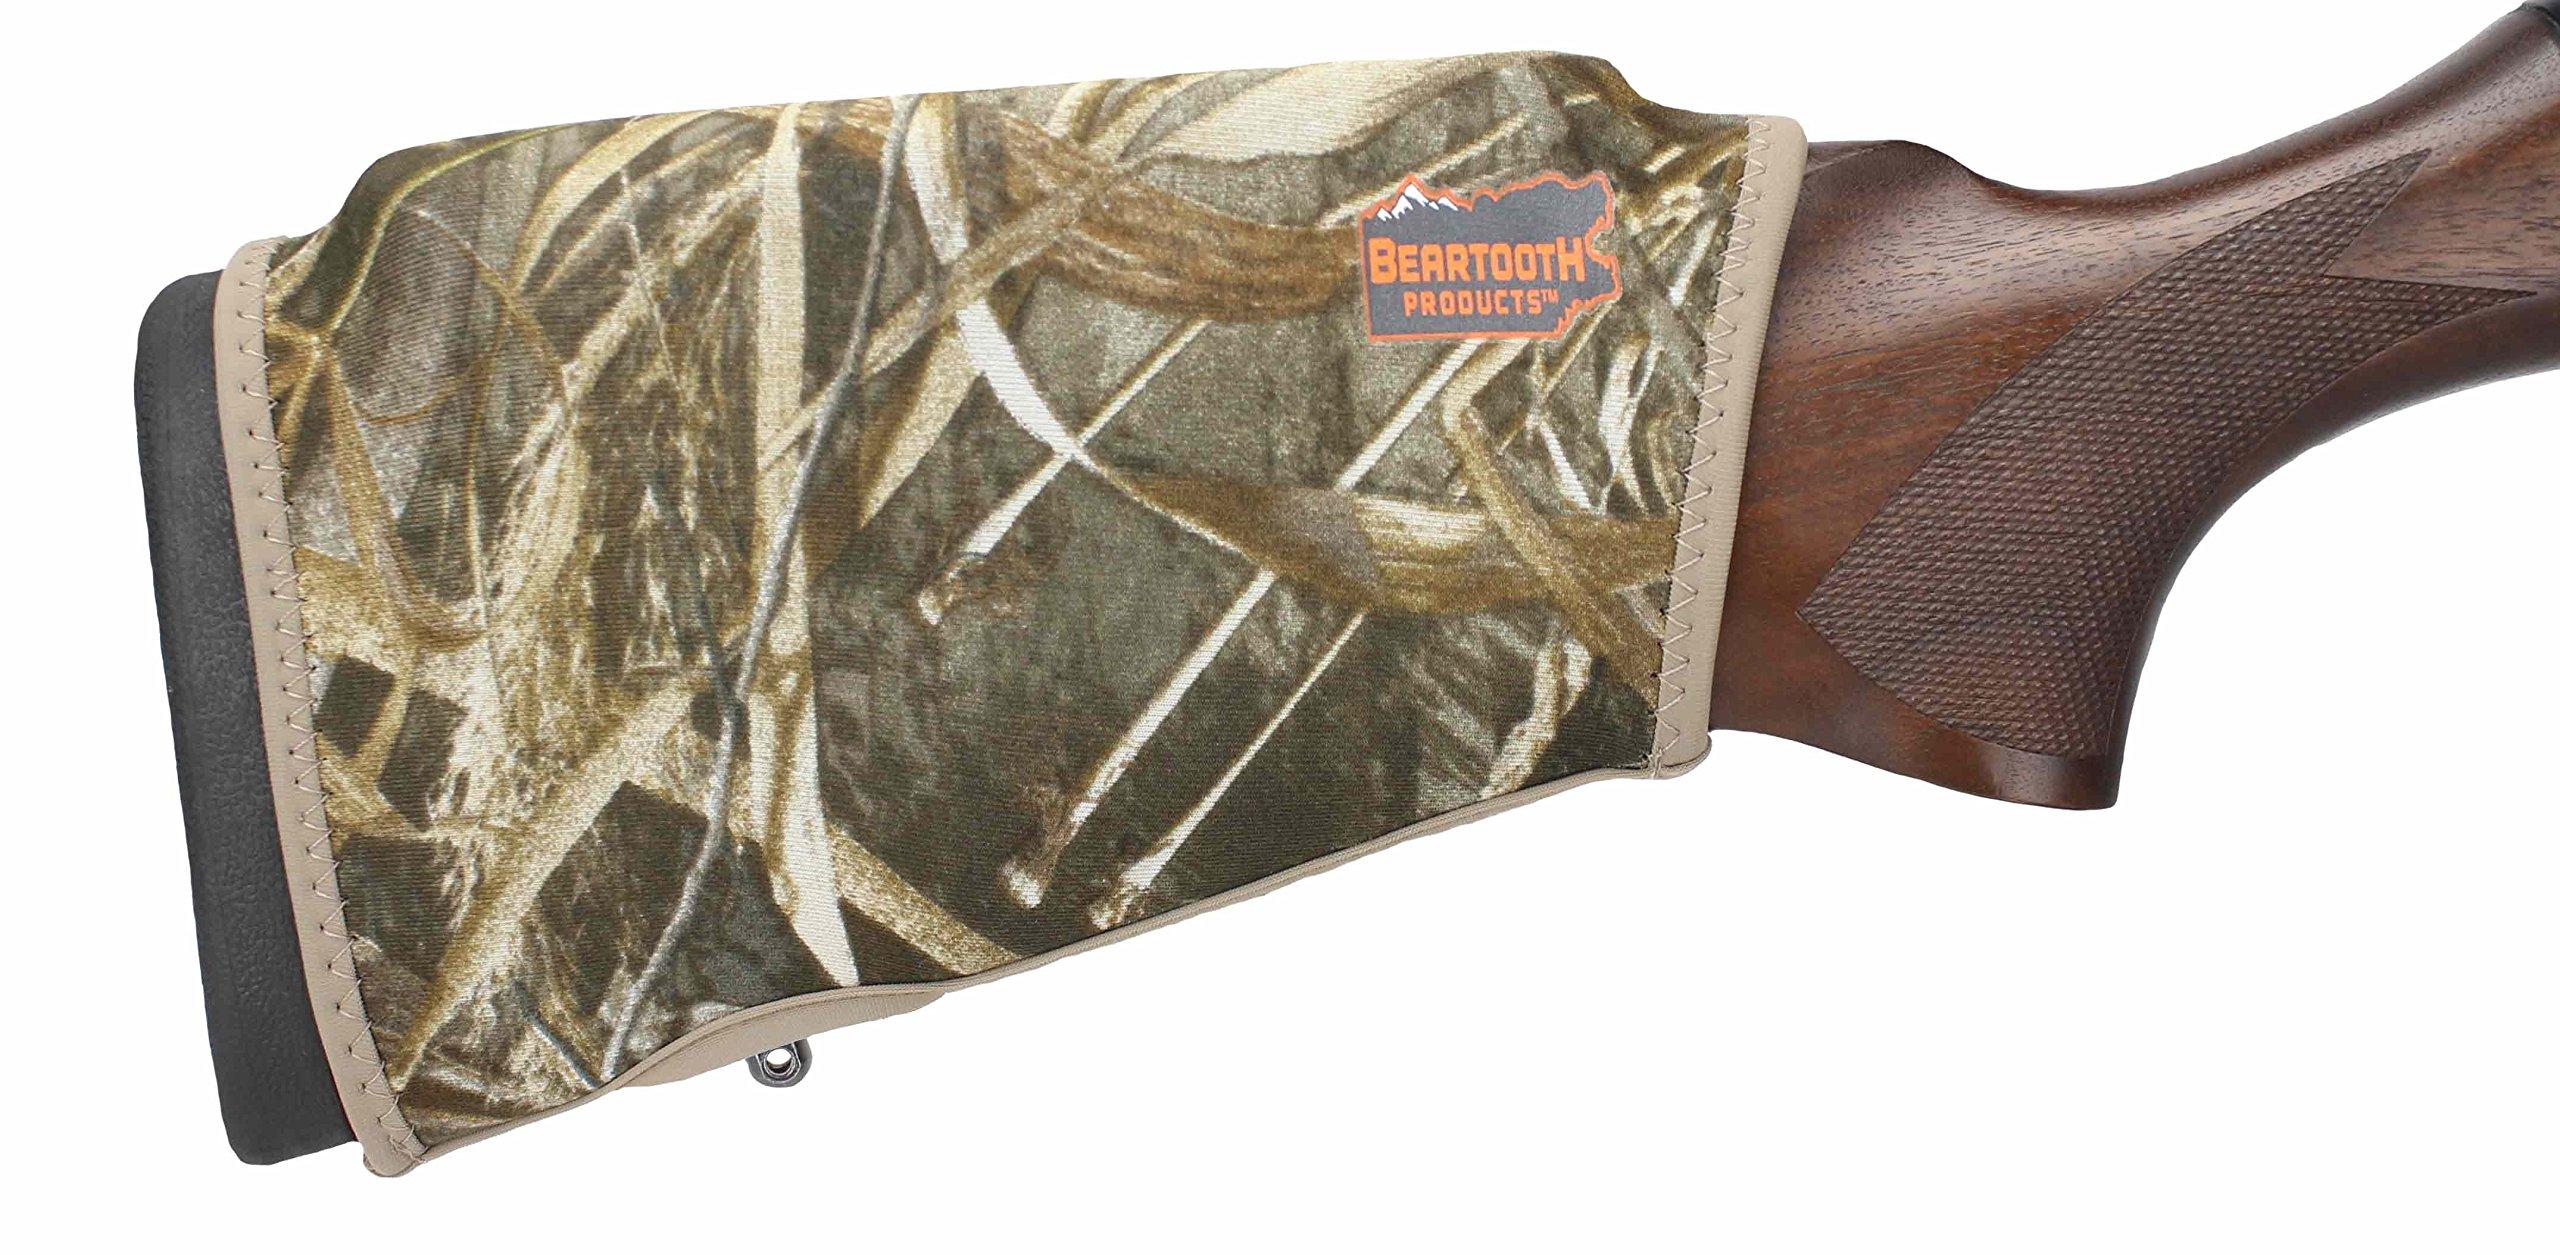 Beartooth Comb Raising Kit 2.0 - Premium Neoprene Gun Stock Cover + (5) Hi-density Foam Inserts - NO LOOPS MODEL (Realtree Max-5)